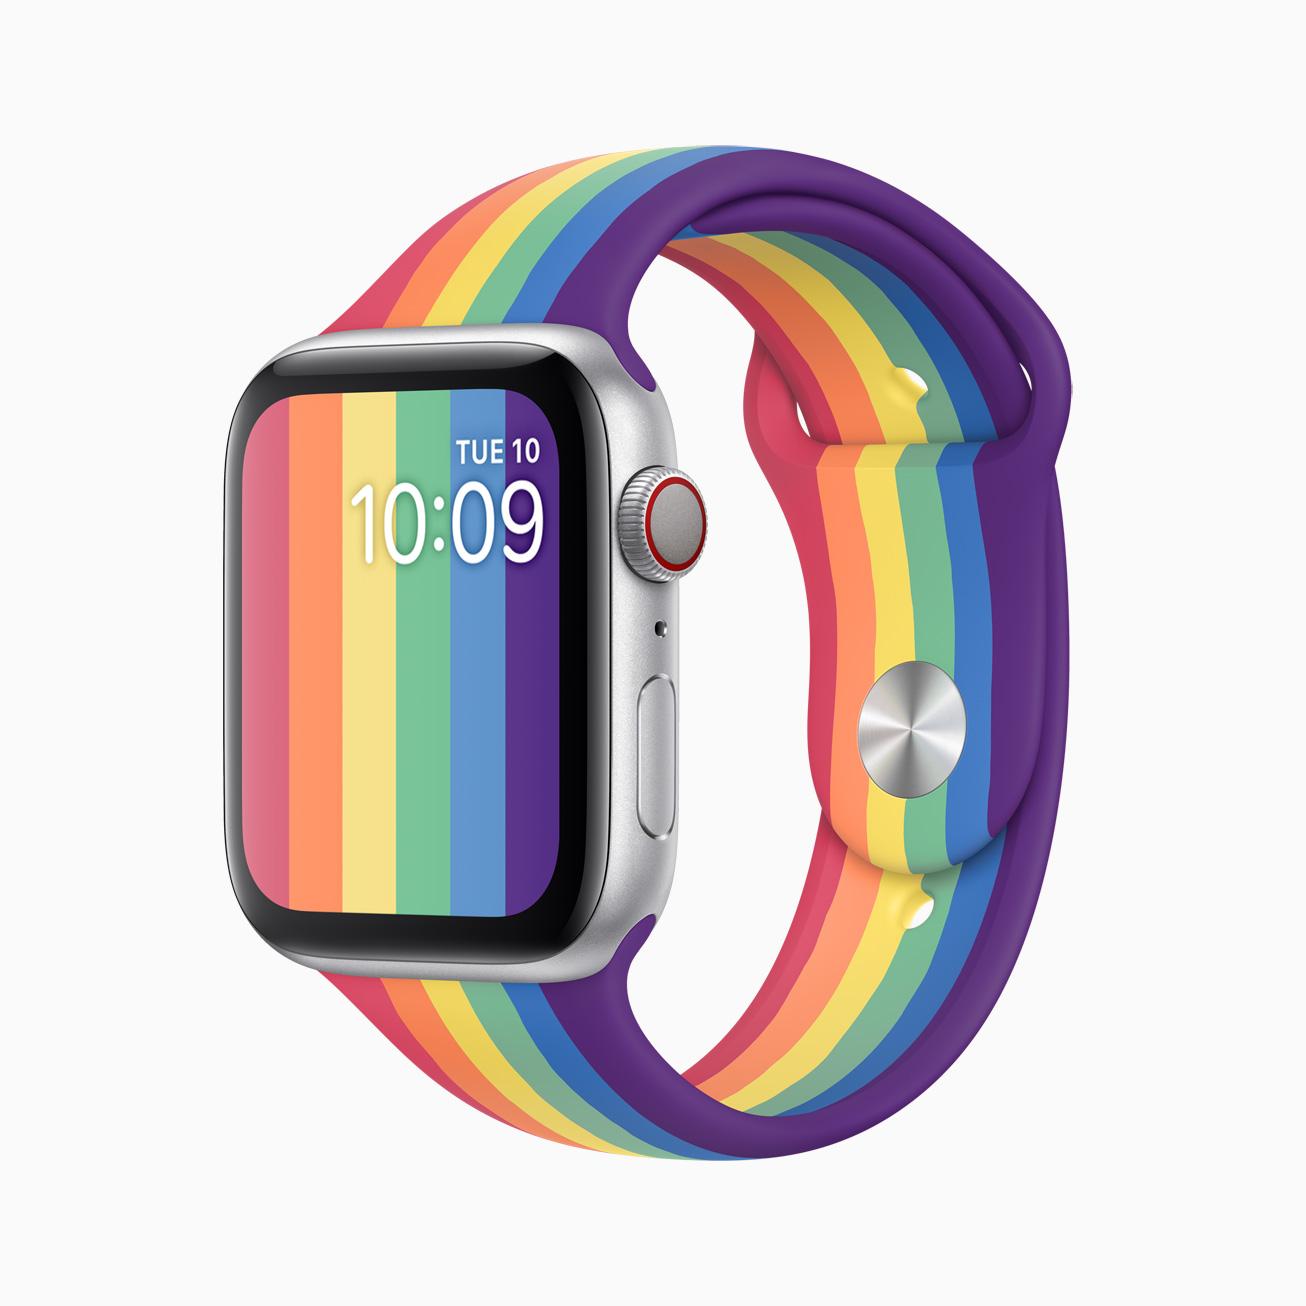 Apple Watch 彩虹錶帶和彩盤同時降臨!獨具藝術美